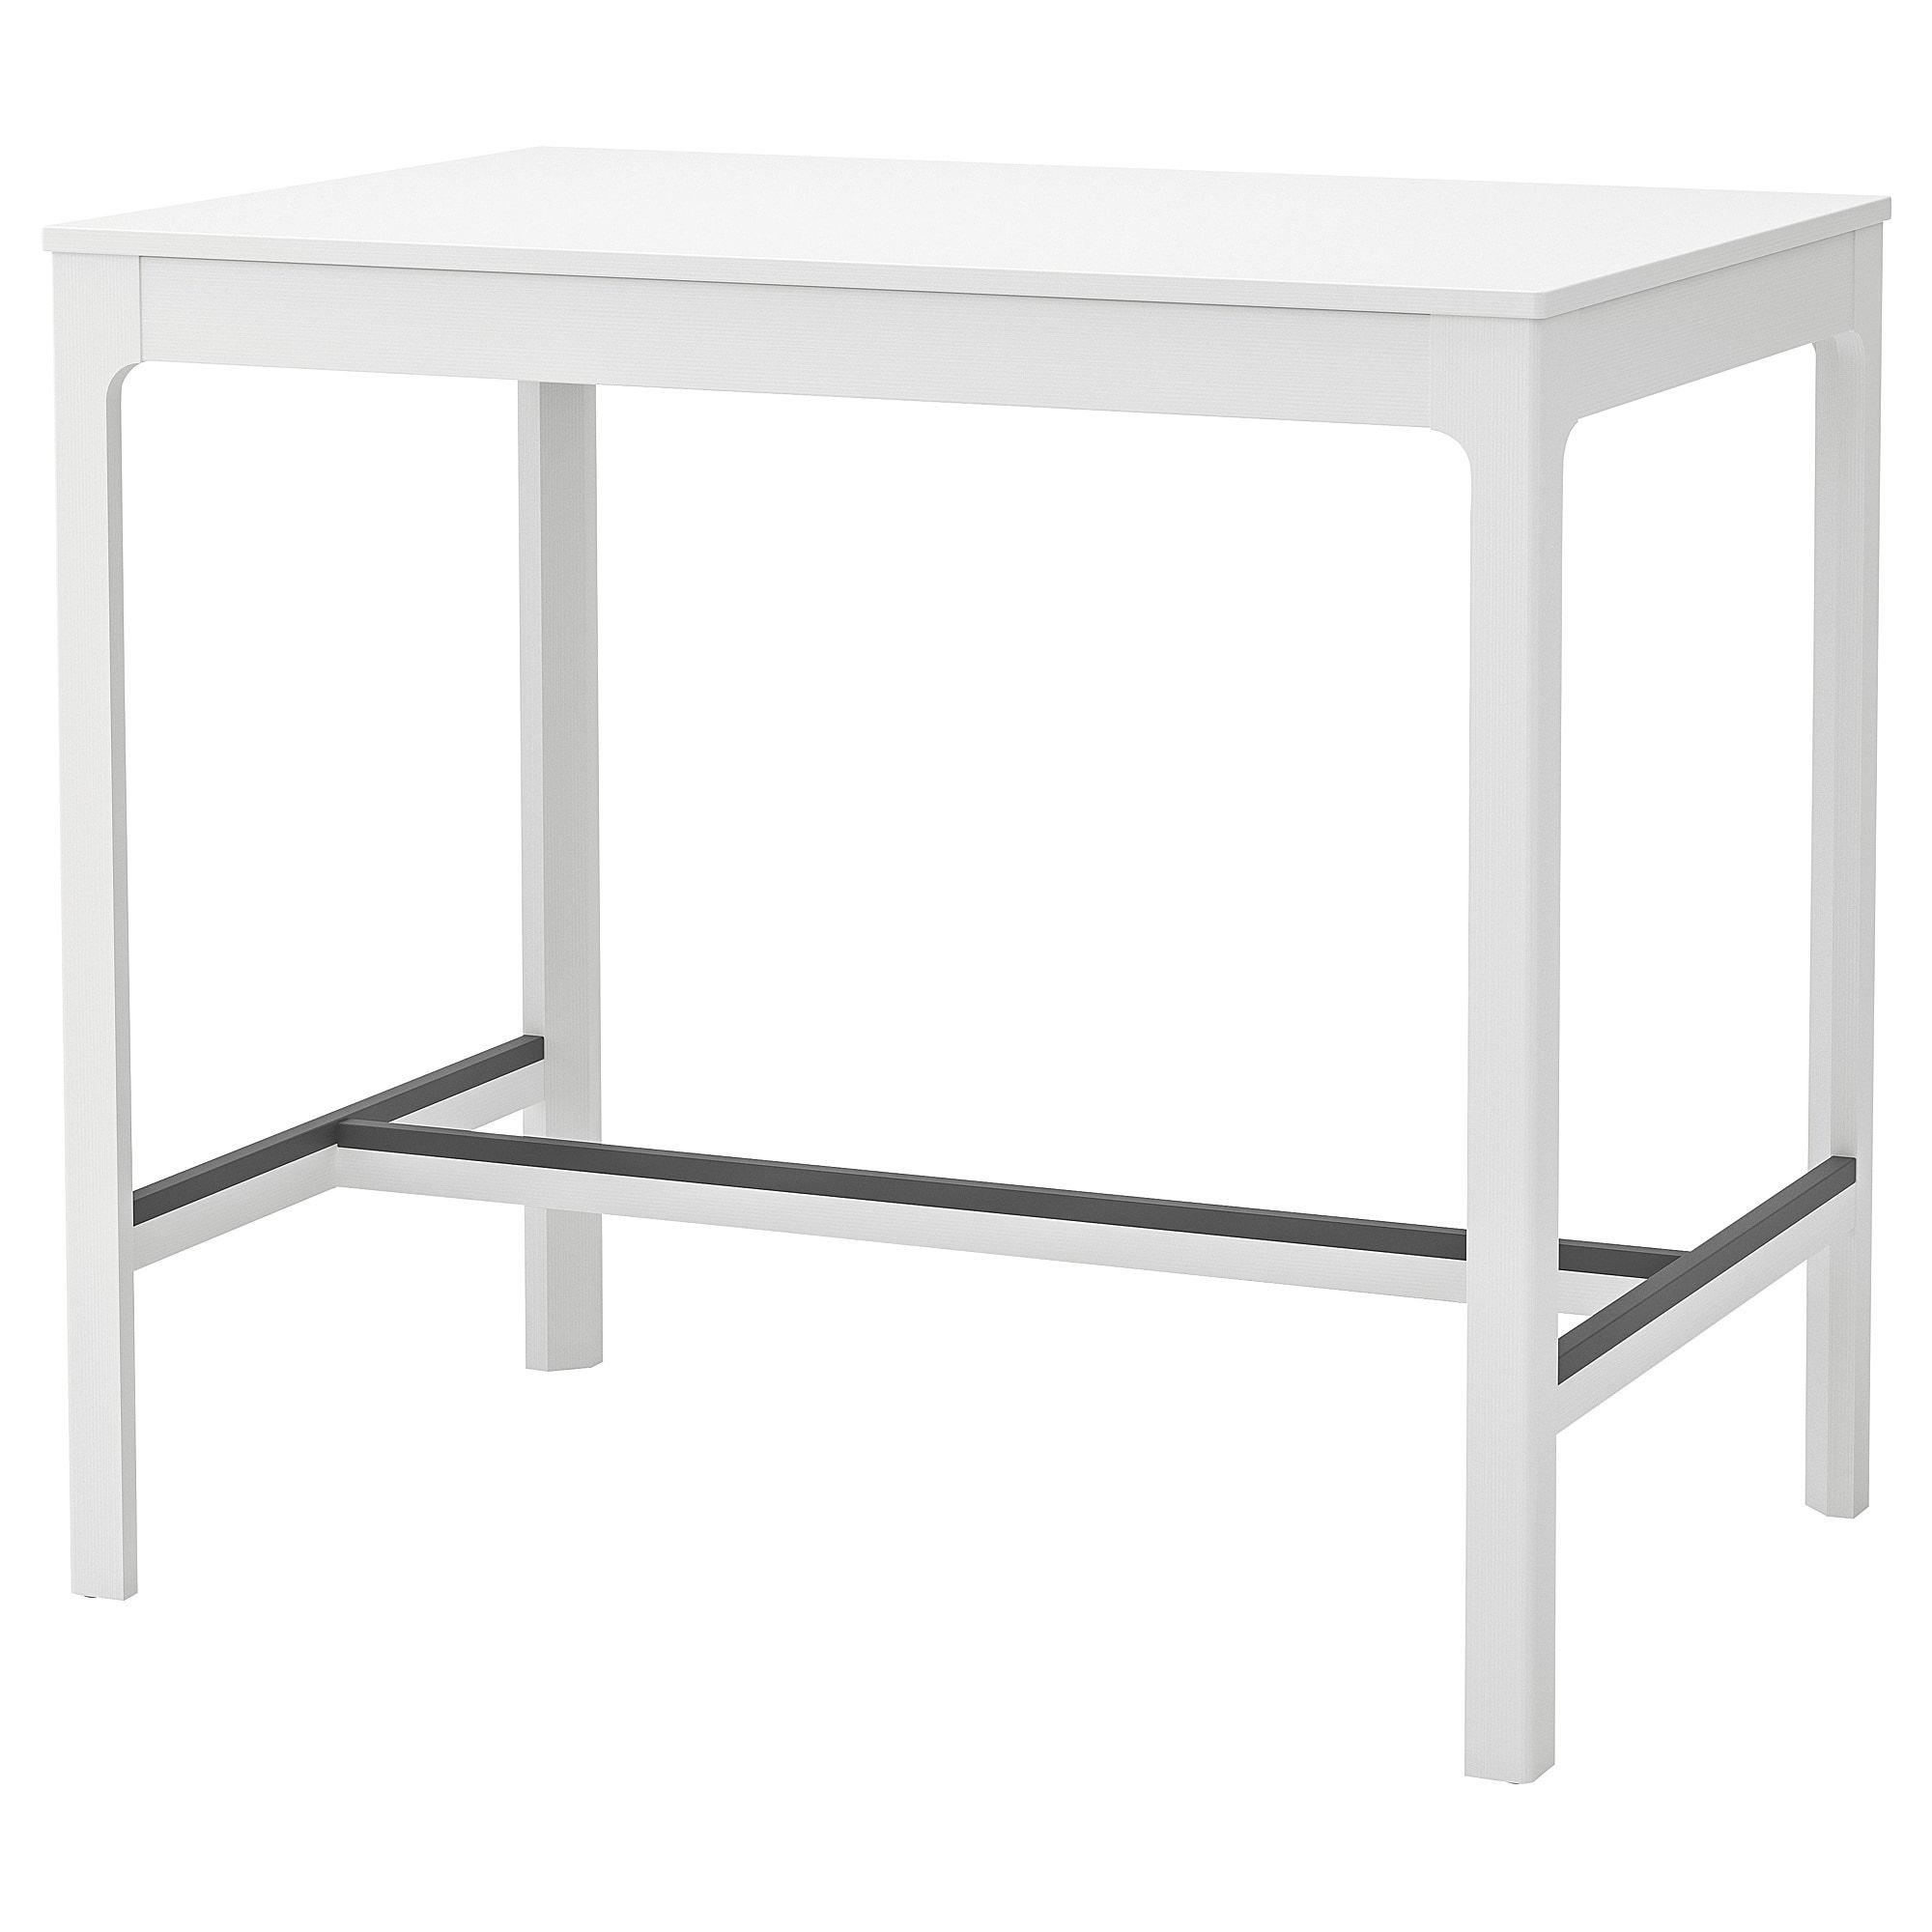 Ekedalen Bar Table White 47 1 4x31 1 2 Bar Table Ikea Outdoor Bar Furniture Ikea Bar